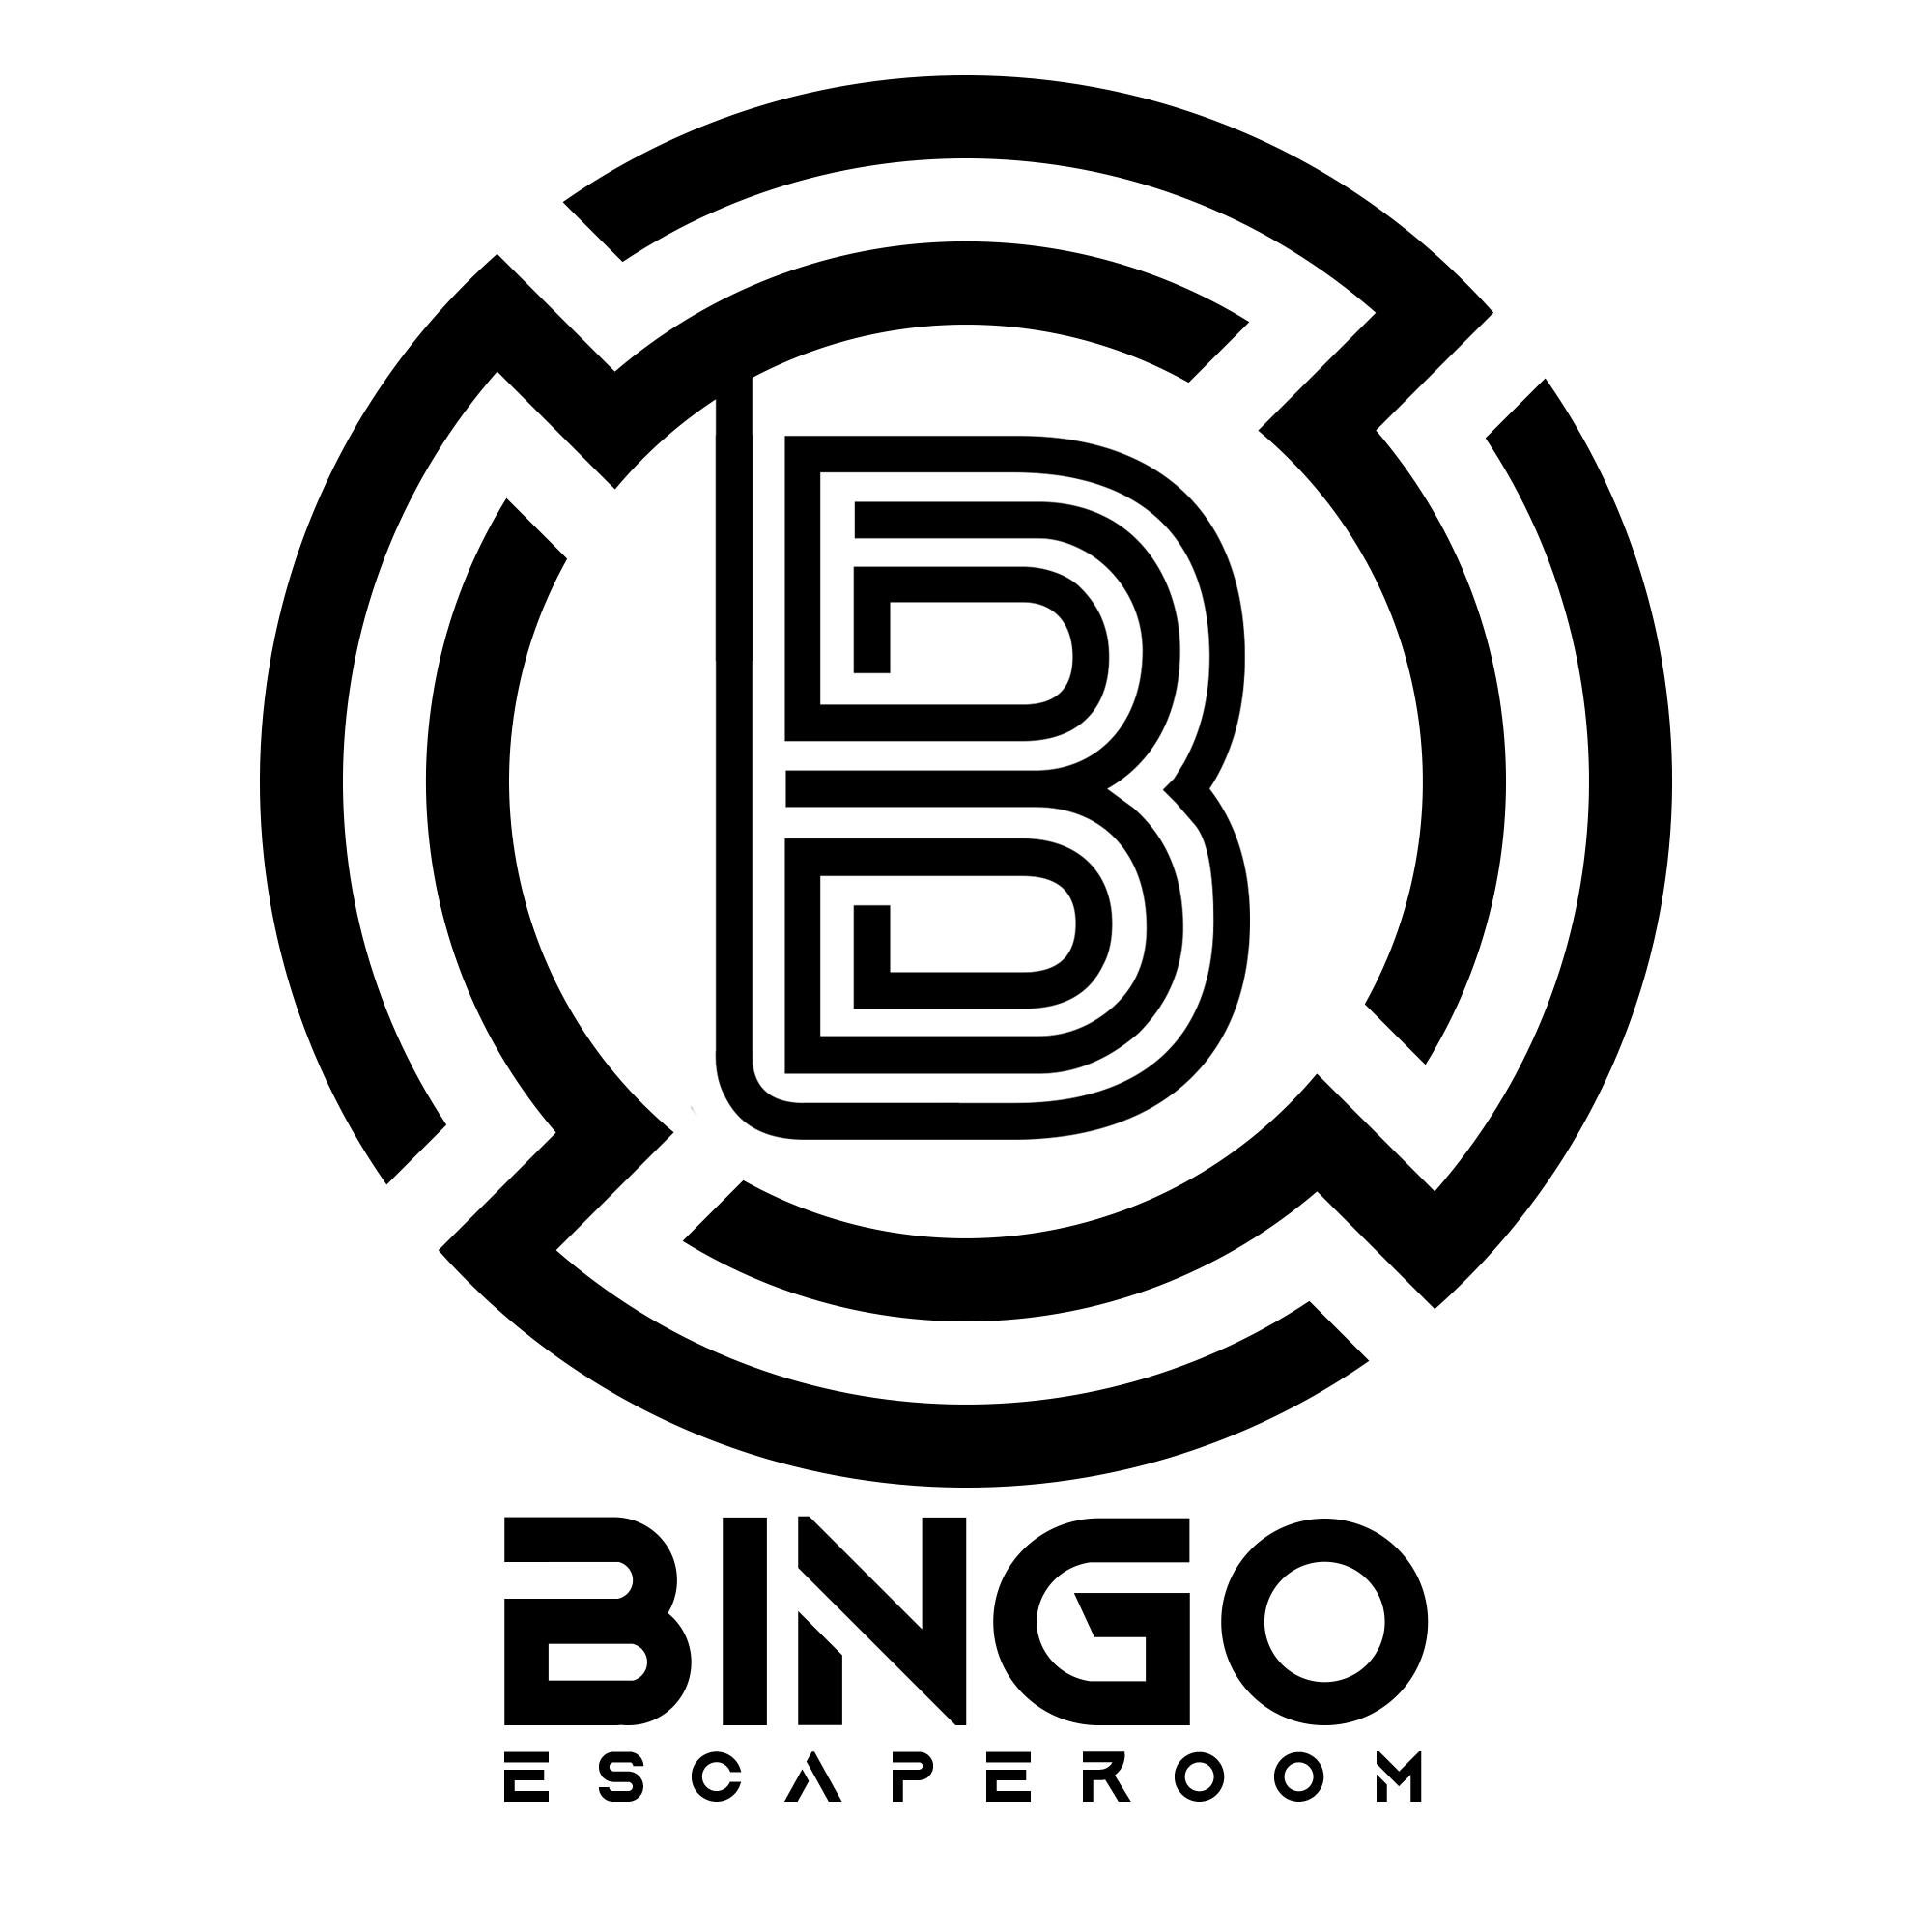 بینگو اسکیپ روم